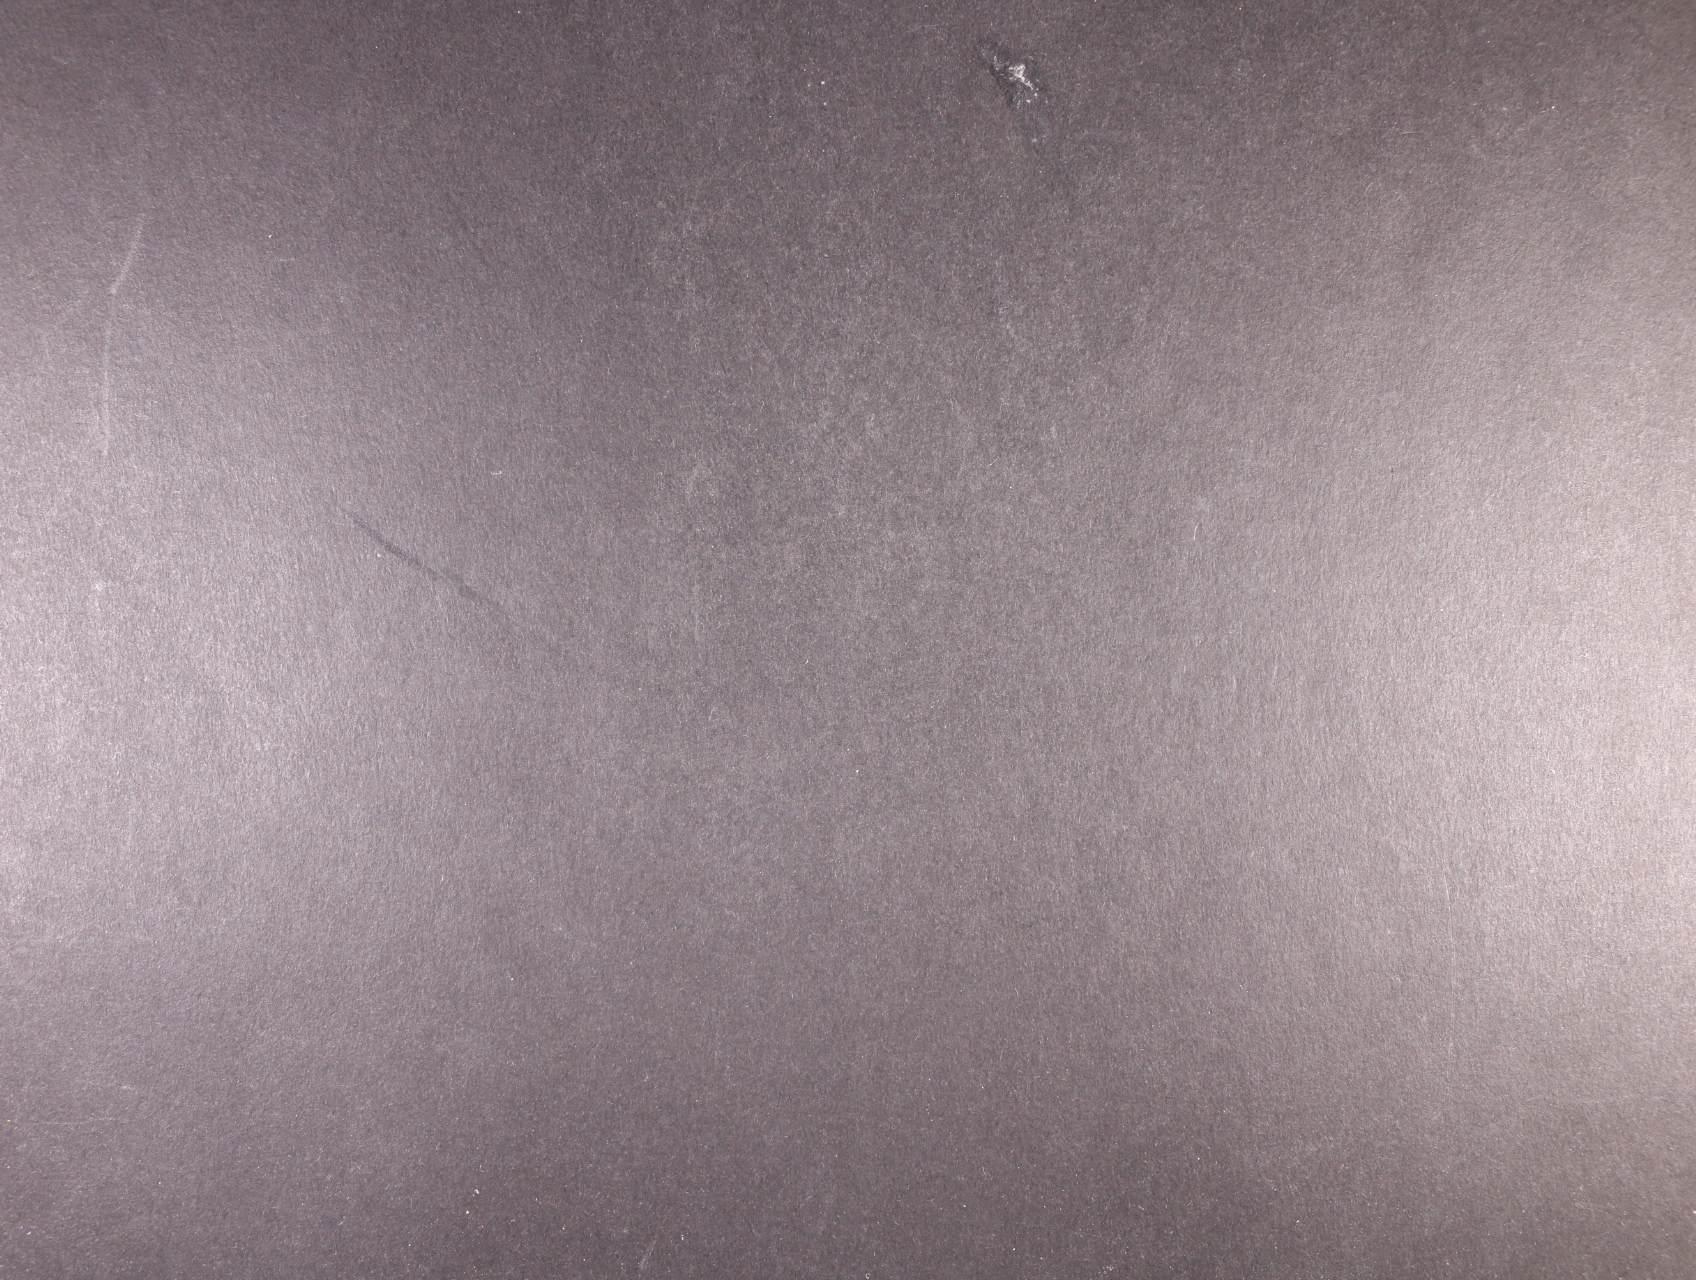 Protektorát - mírně specializovaná sbírka zn., kuponů, DZ, hvězdičky + křížky jednotlivě i ve čtyřblocích, mj. zn. č. 1 - 19, doplatní meziarší, uloženo ve čtyřech zásobnících, kat. cena 10000 Kč